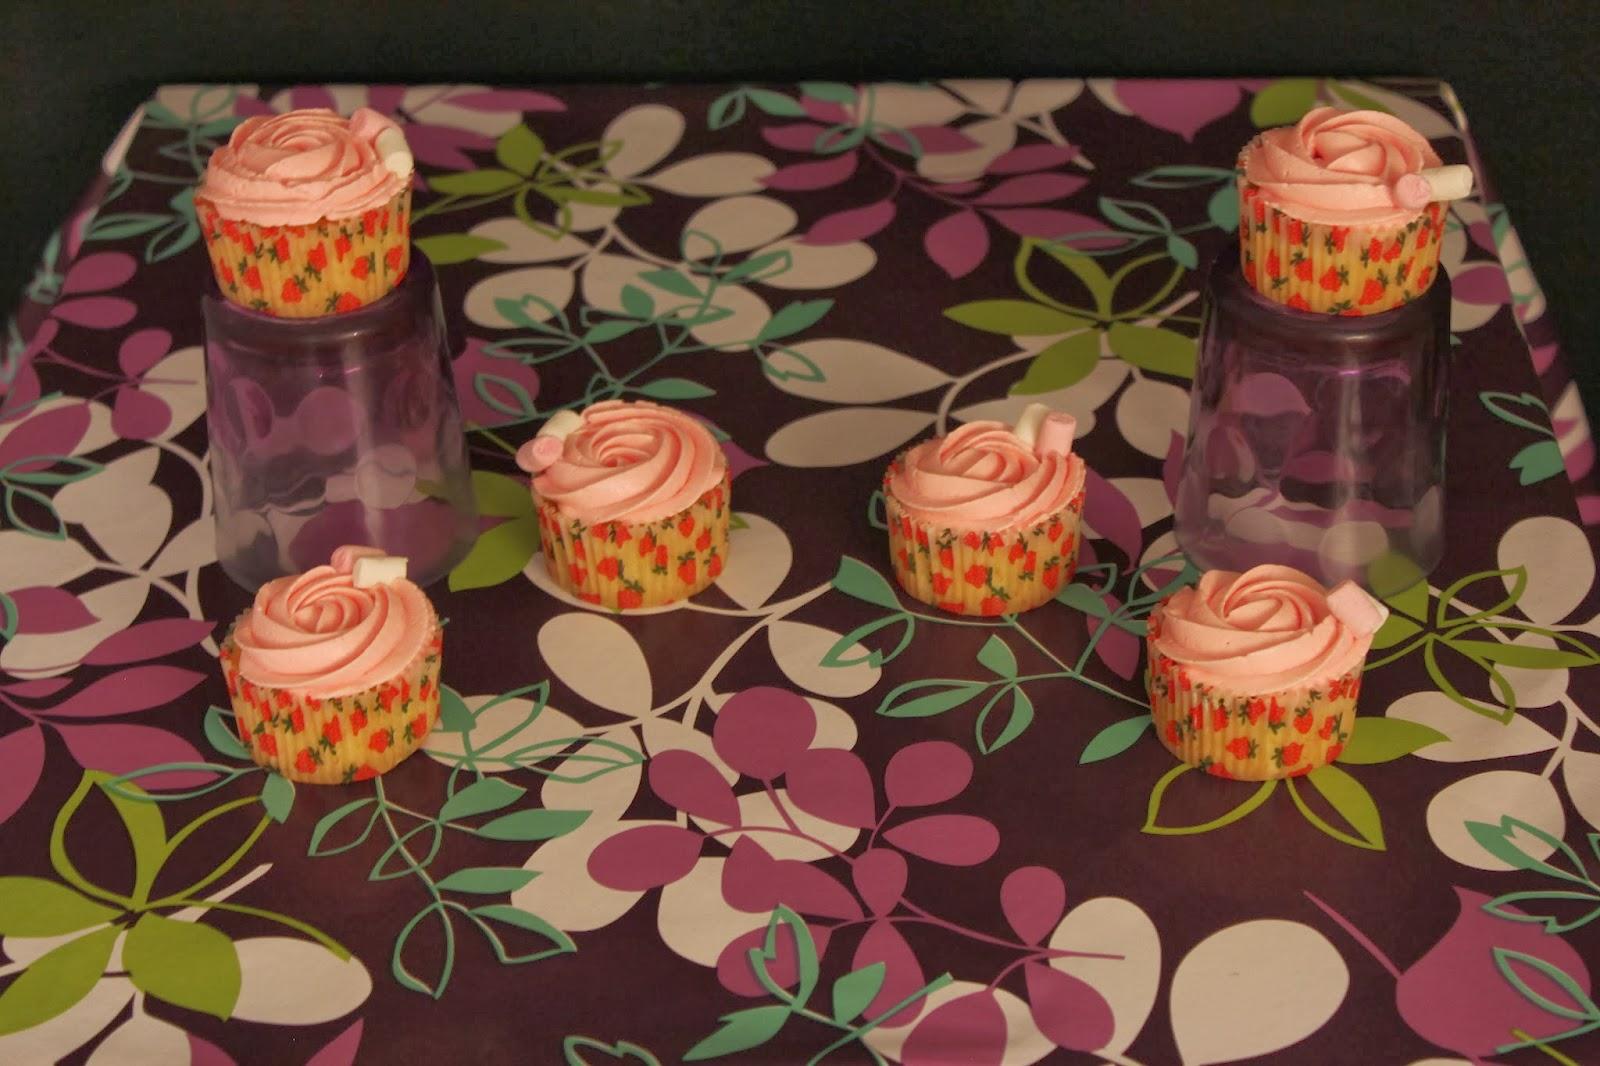 Cupcakes de algodón de azúcar, receta reducida y cupcakes viajeros ...